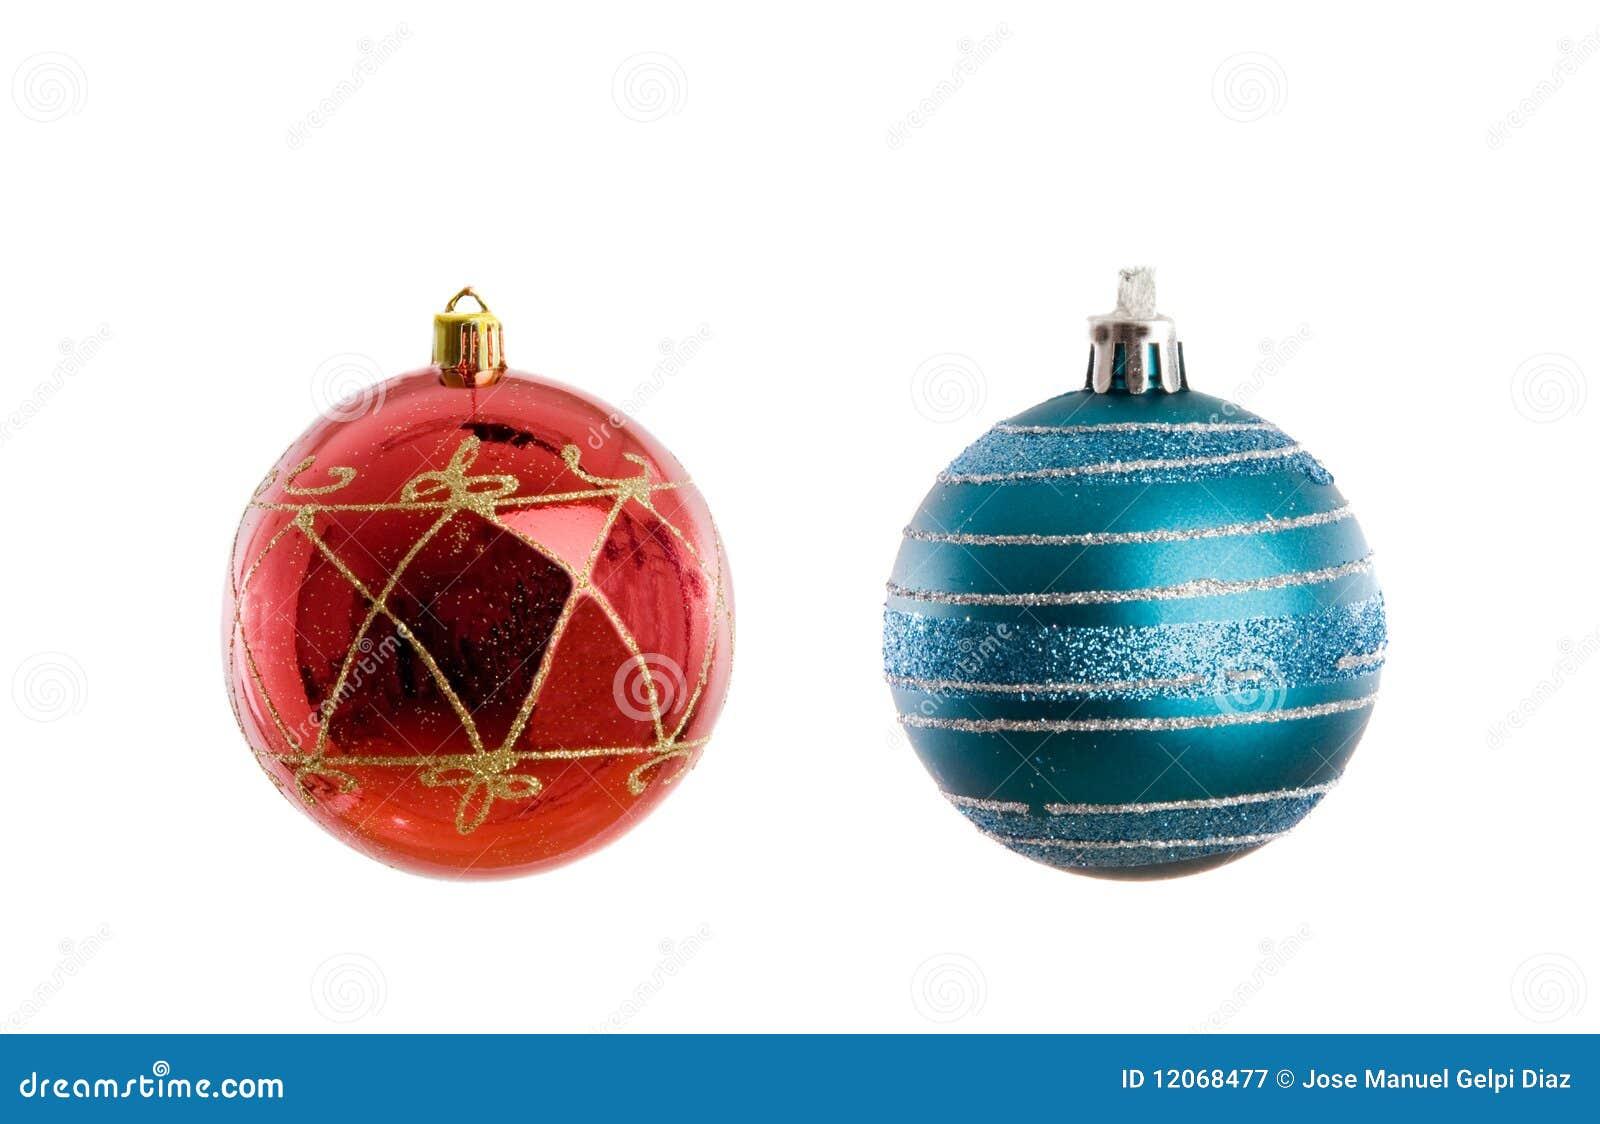 rote und blaue kugeln von weihnachten stockbild bild. Black Bedroom Furniture Sets. Home Design Ideas